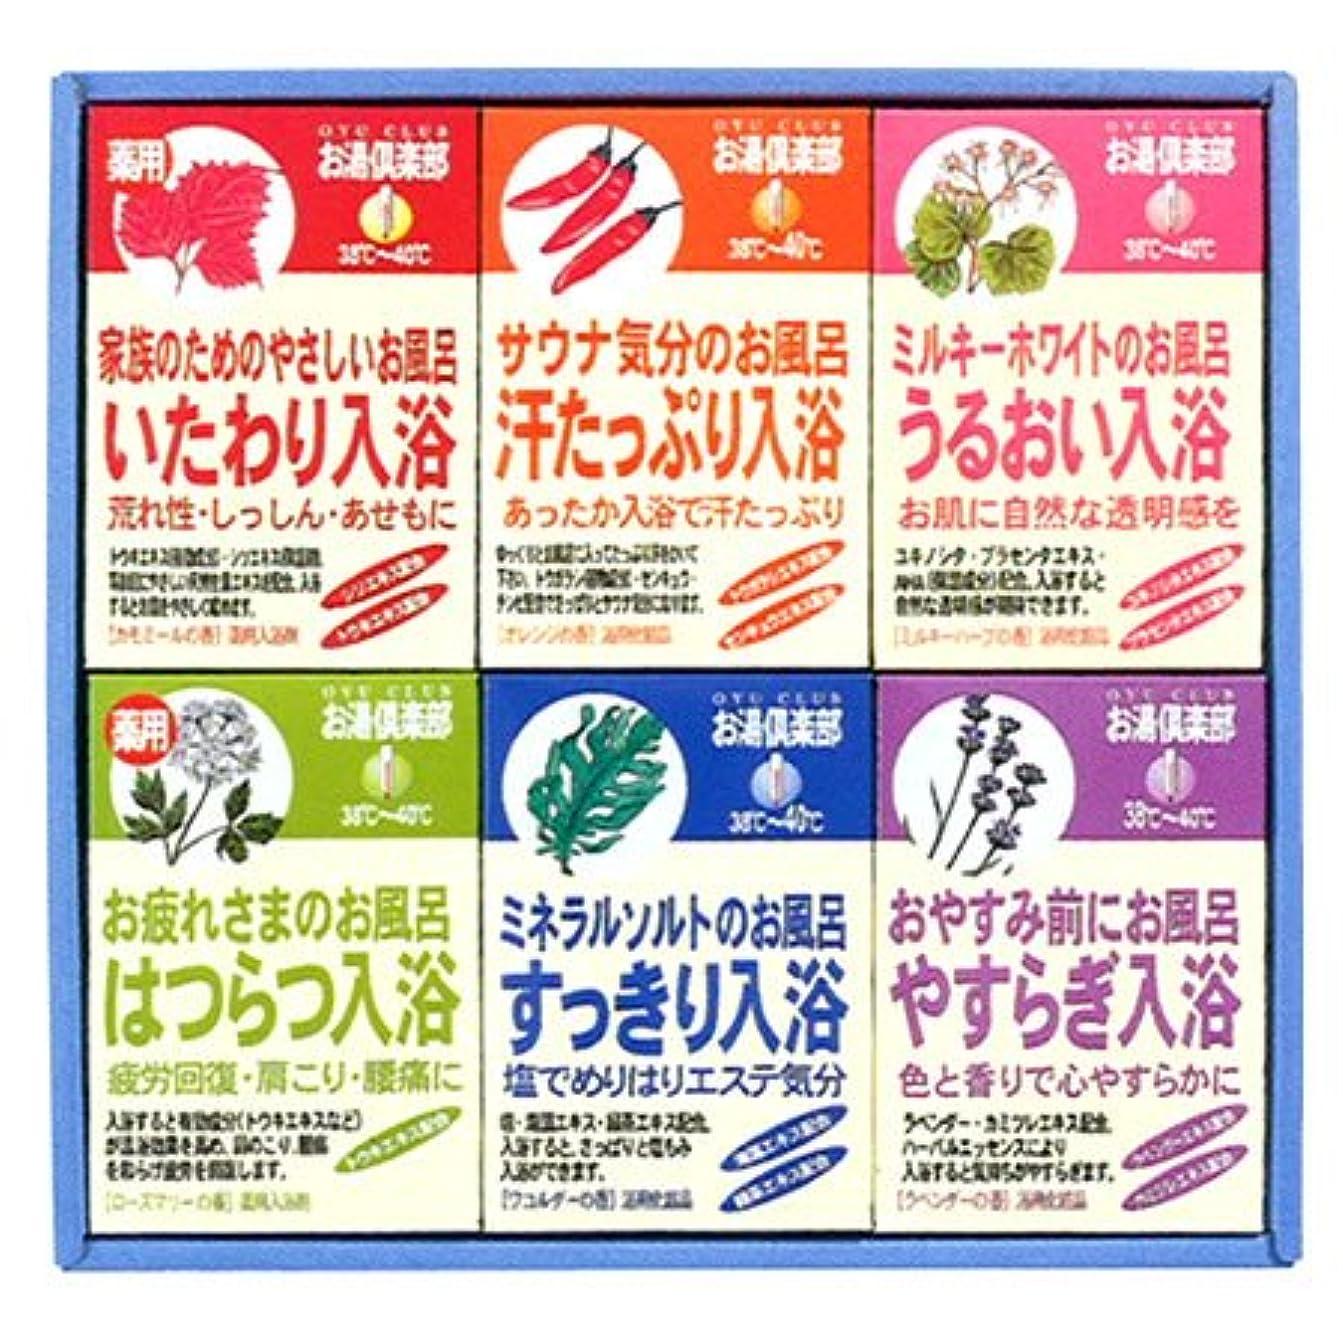 仮装パースブラックボロウ従順お湯倶楽部 タイプ別入浴剤 6種30包入 ギフトに最適